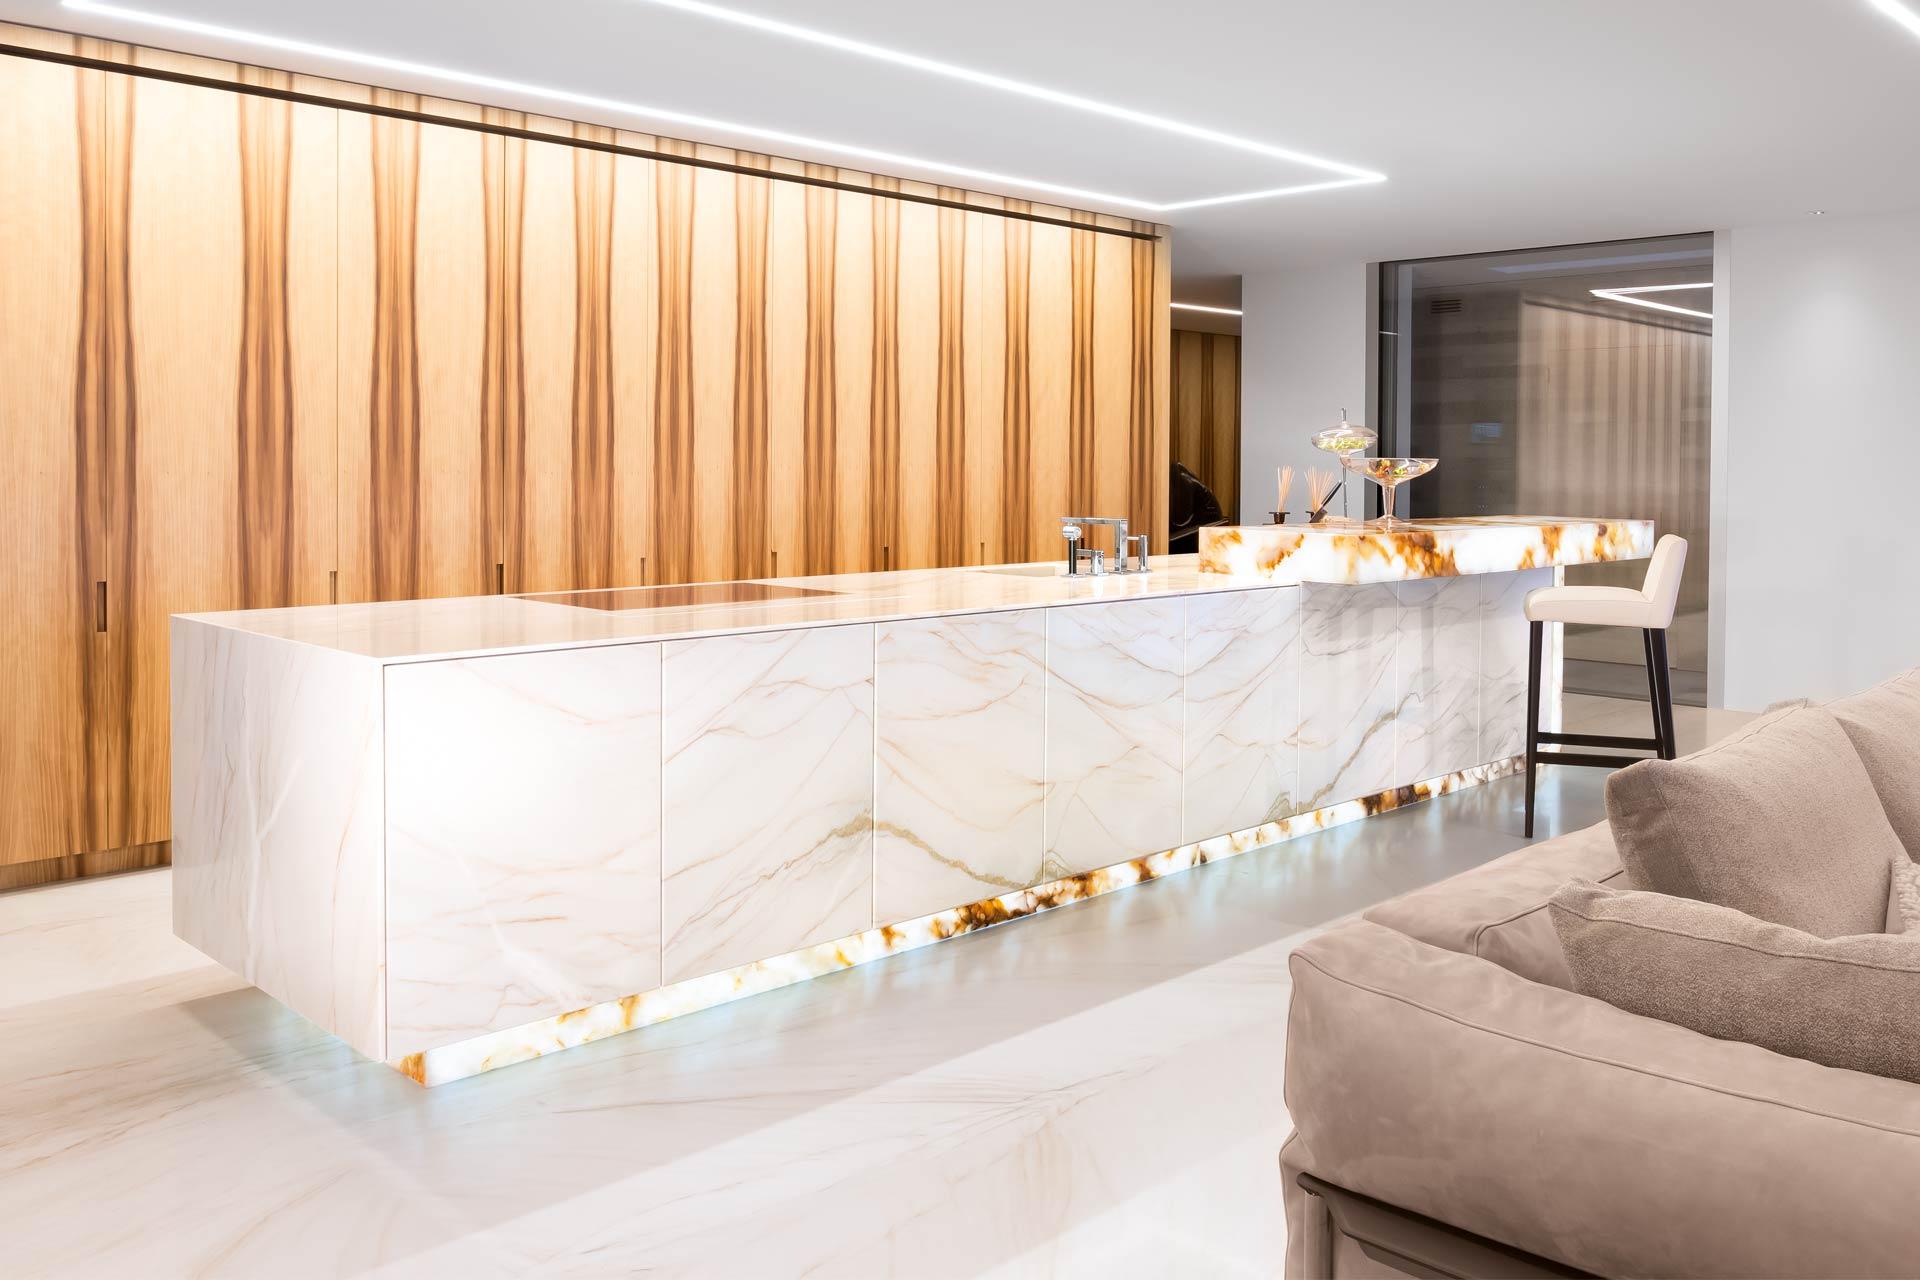 Naturstein Marmor Küche weiß gold